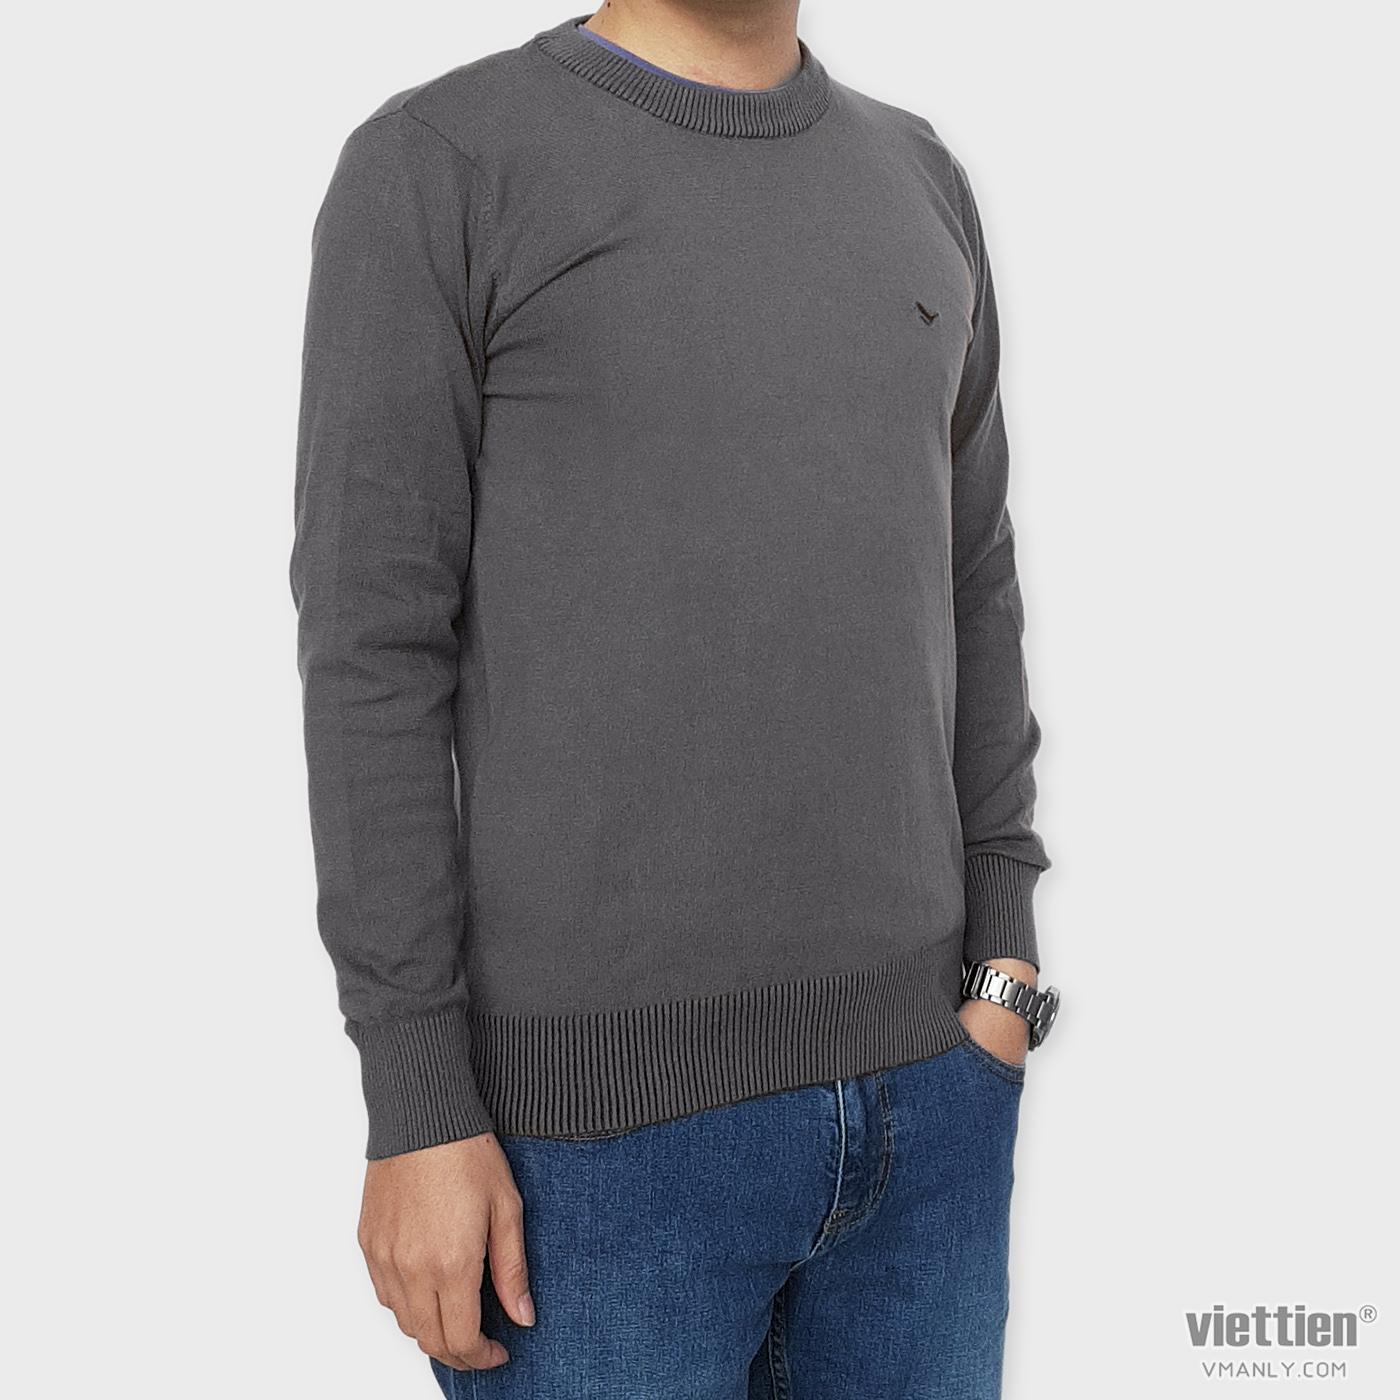 Áo len dài tay Việt Tiến cổ tròn màu nâu 6G9012CH4/LTR